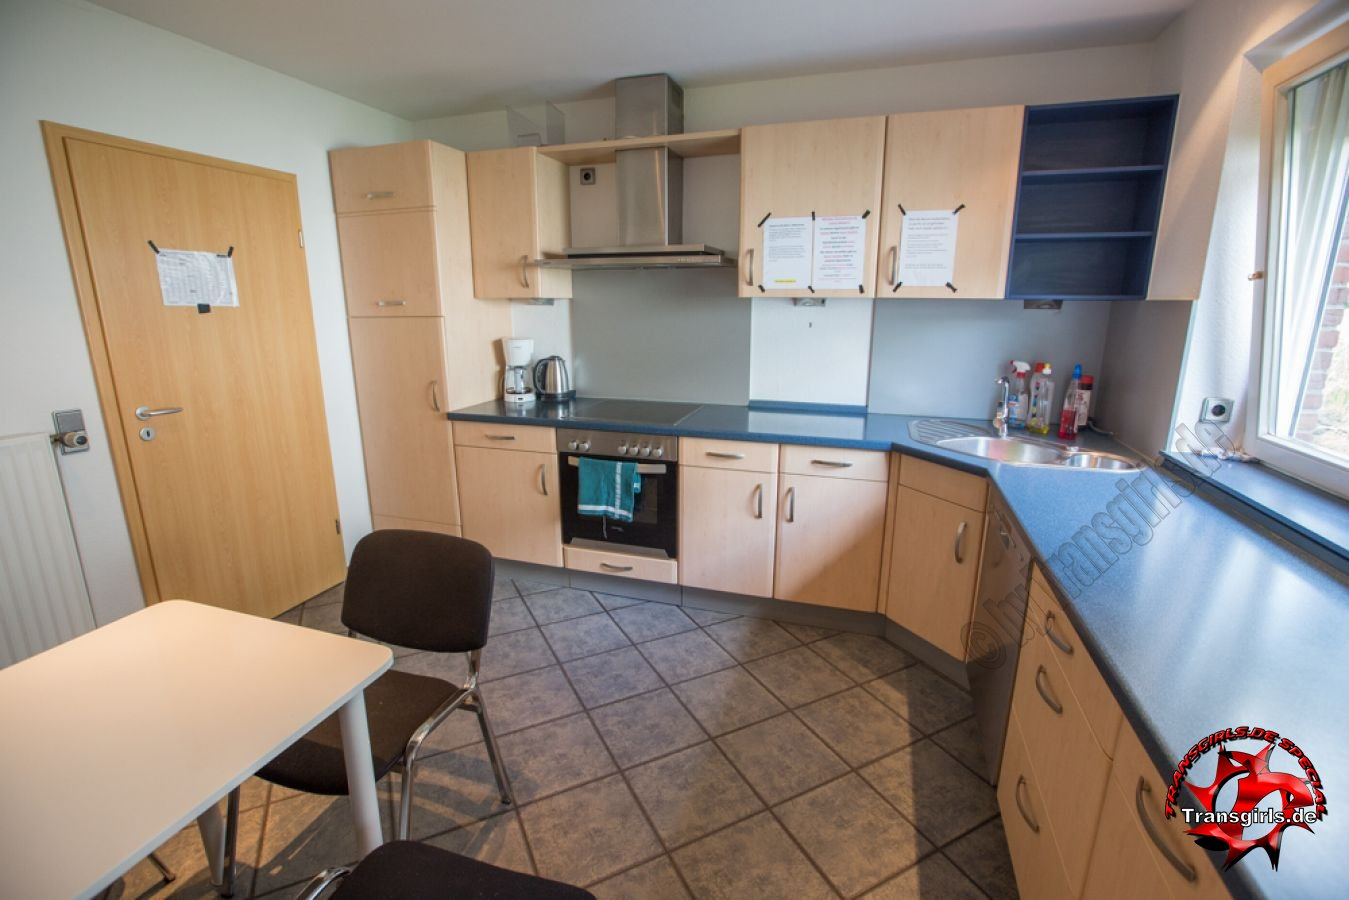 Foto Nr. 84410 von Shemale Trans Appartement Rendsburg